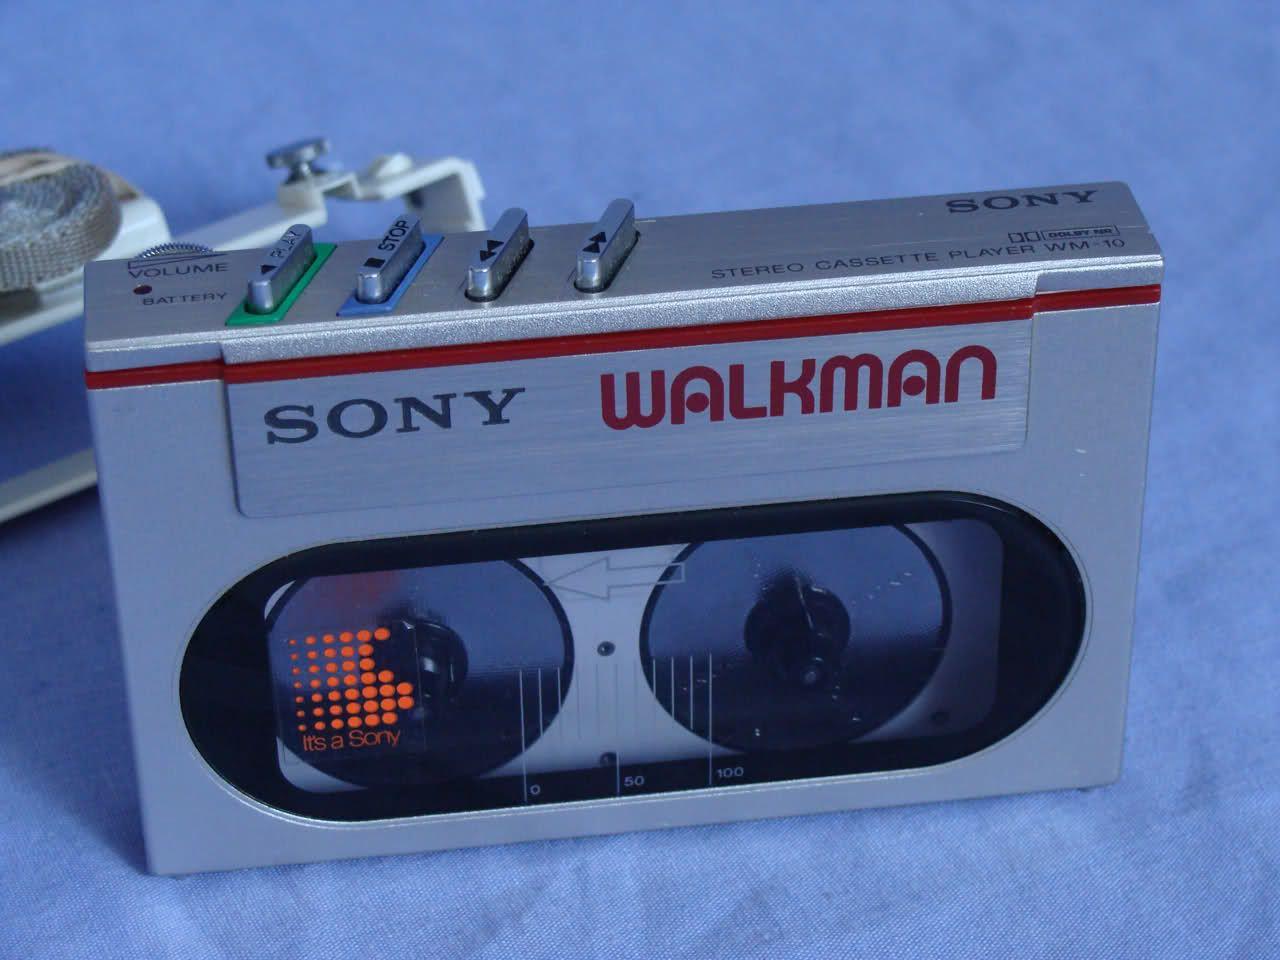 Sony Walkman WM-10. Es conocido por ser el magnetófono reproductor de cartuchos Compact Cassette más pequeño del mundo